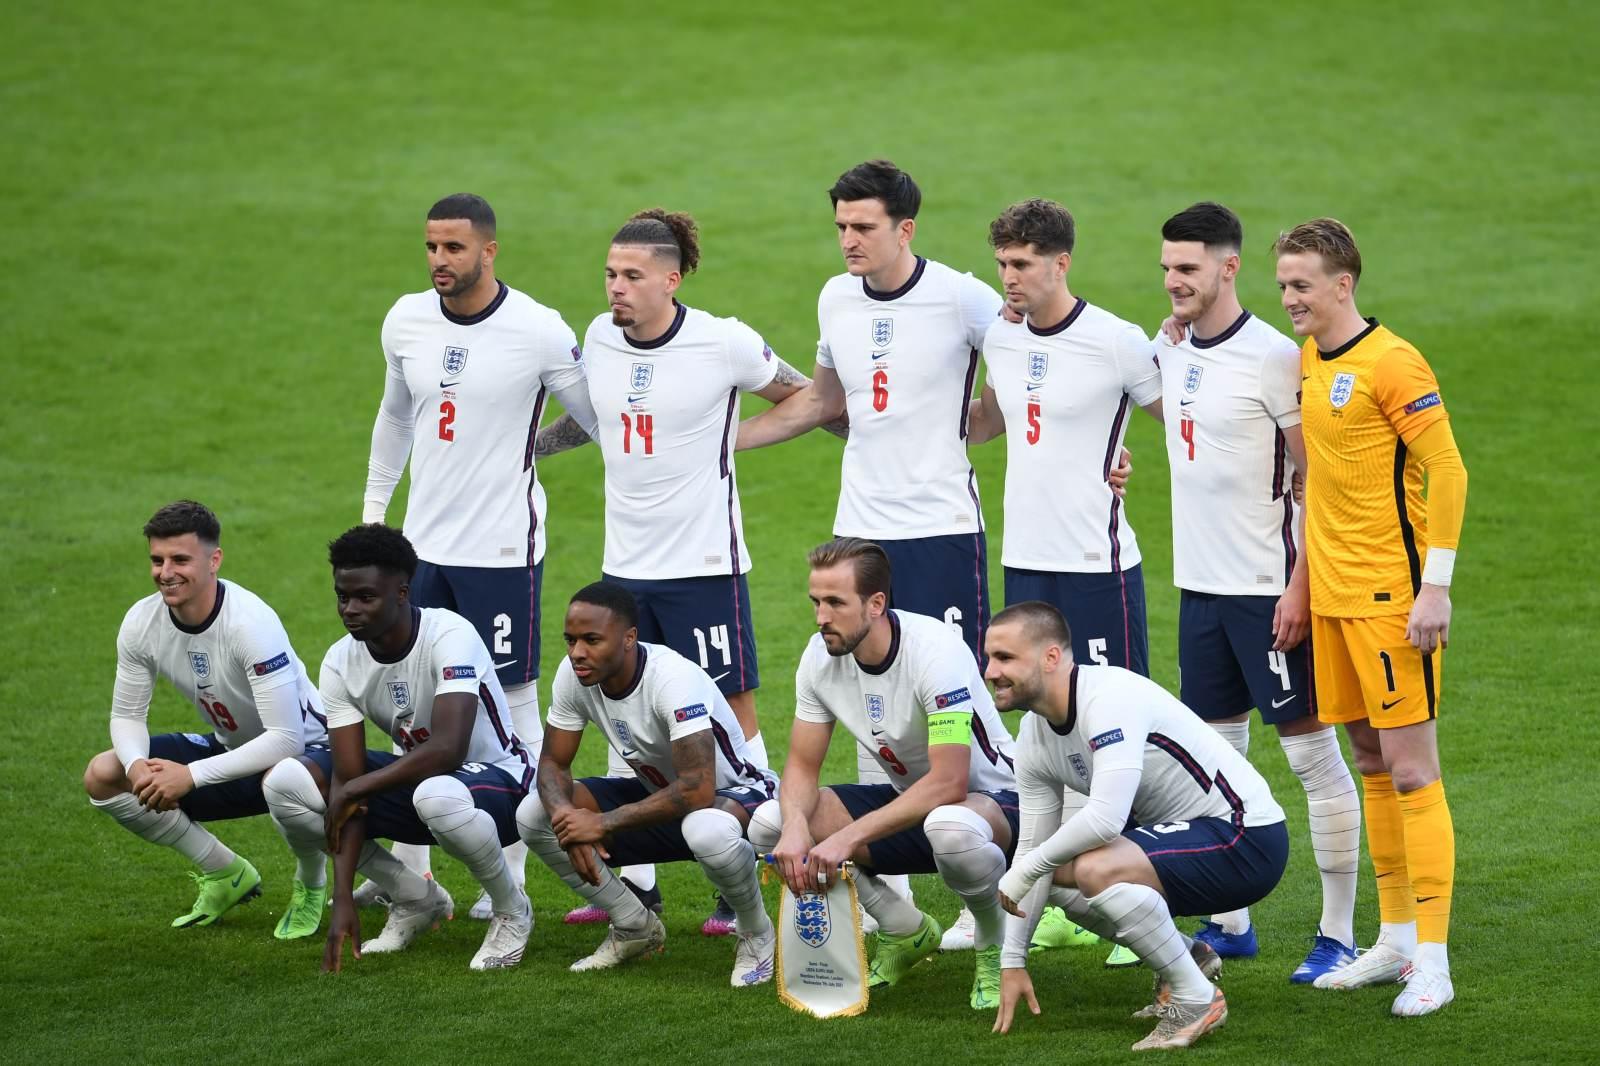 Польша - Англия - 1:1 (закончен)